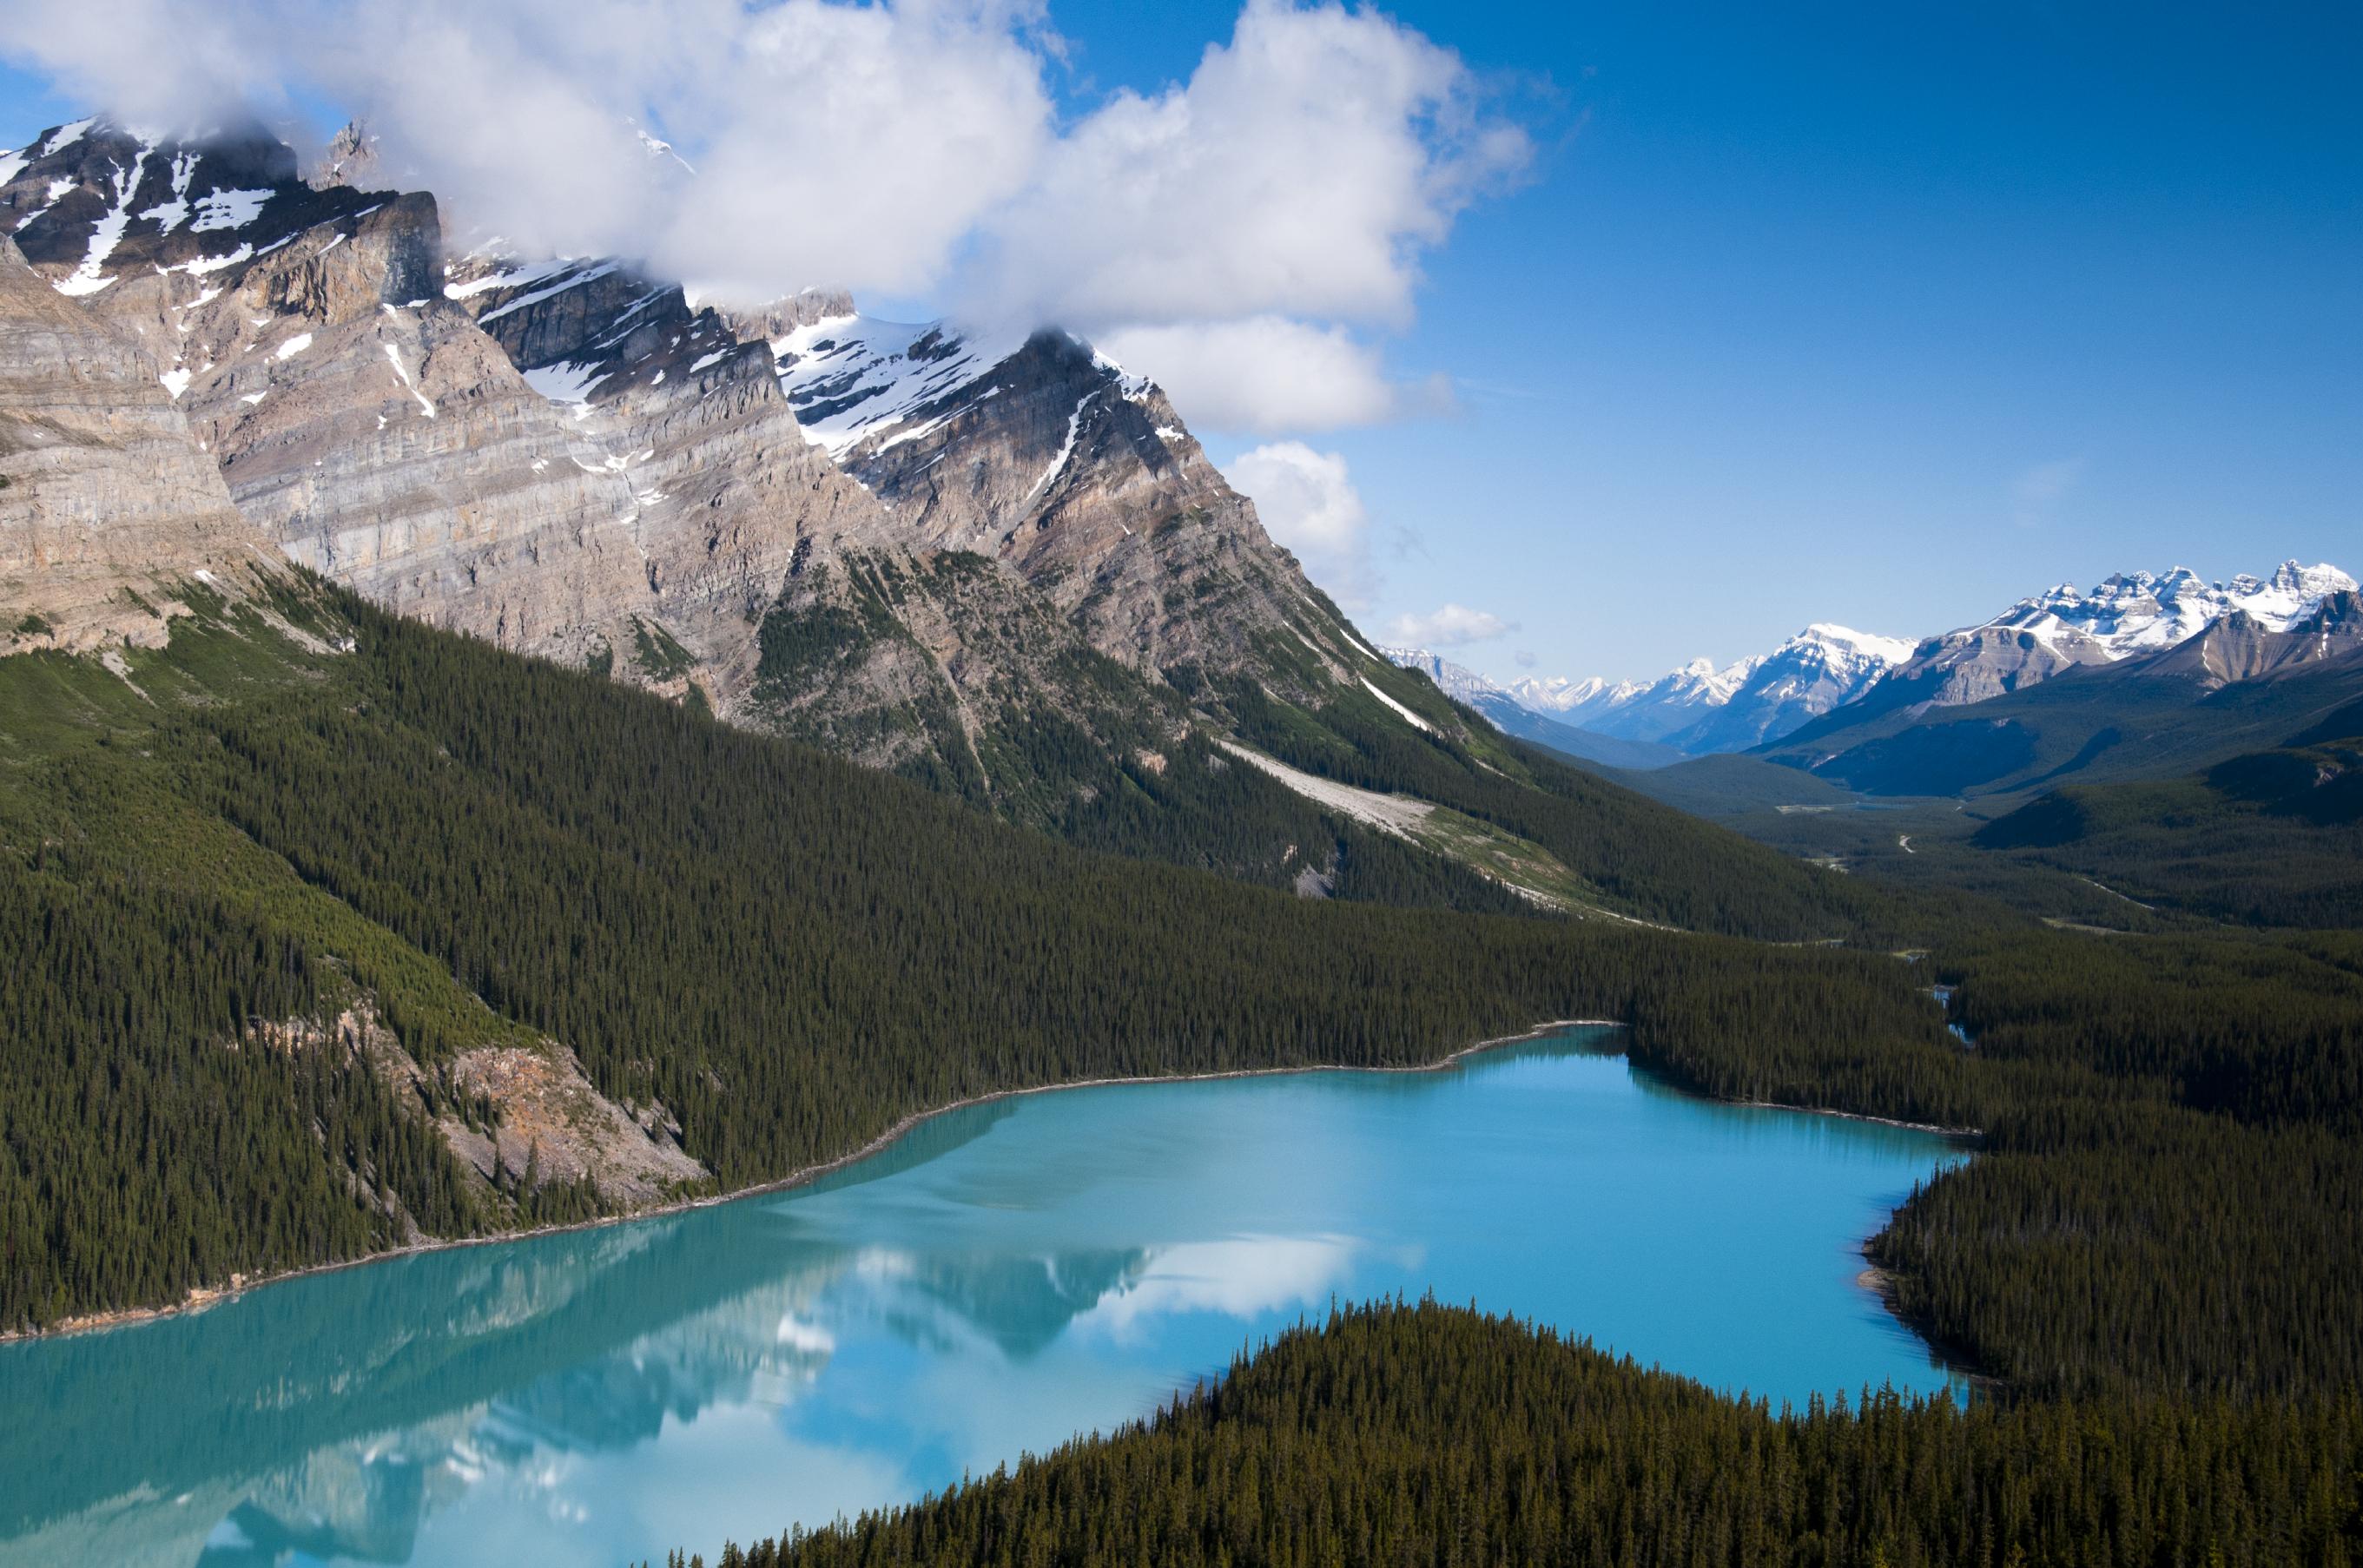 Arrêt sur la Promenade des Glaciers - Lac Peyto